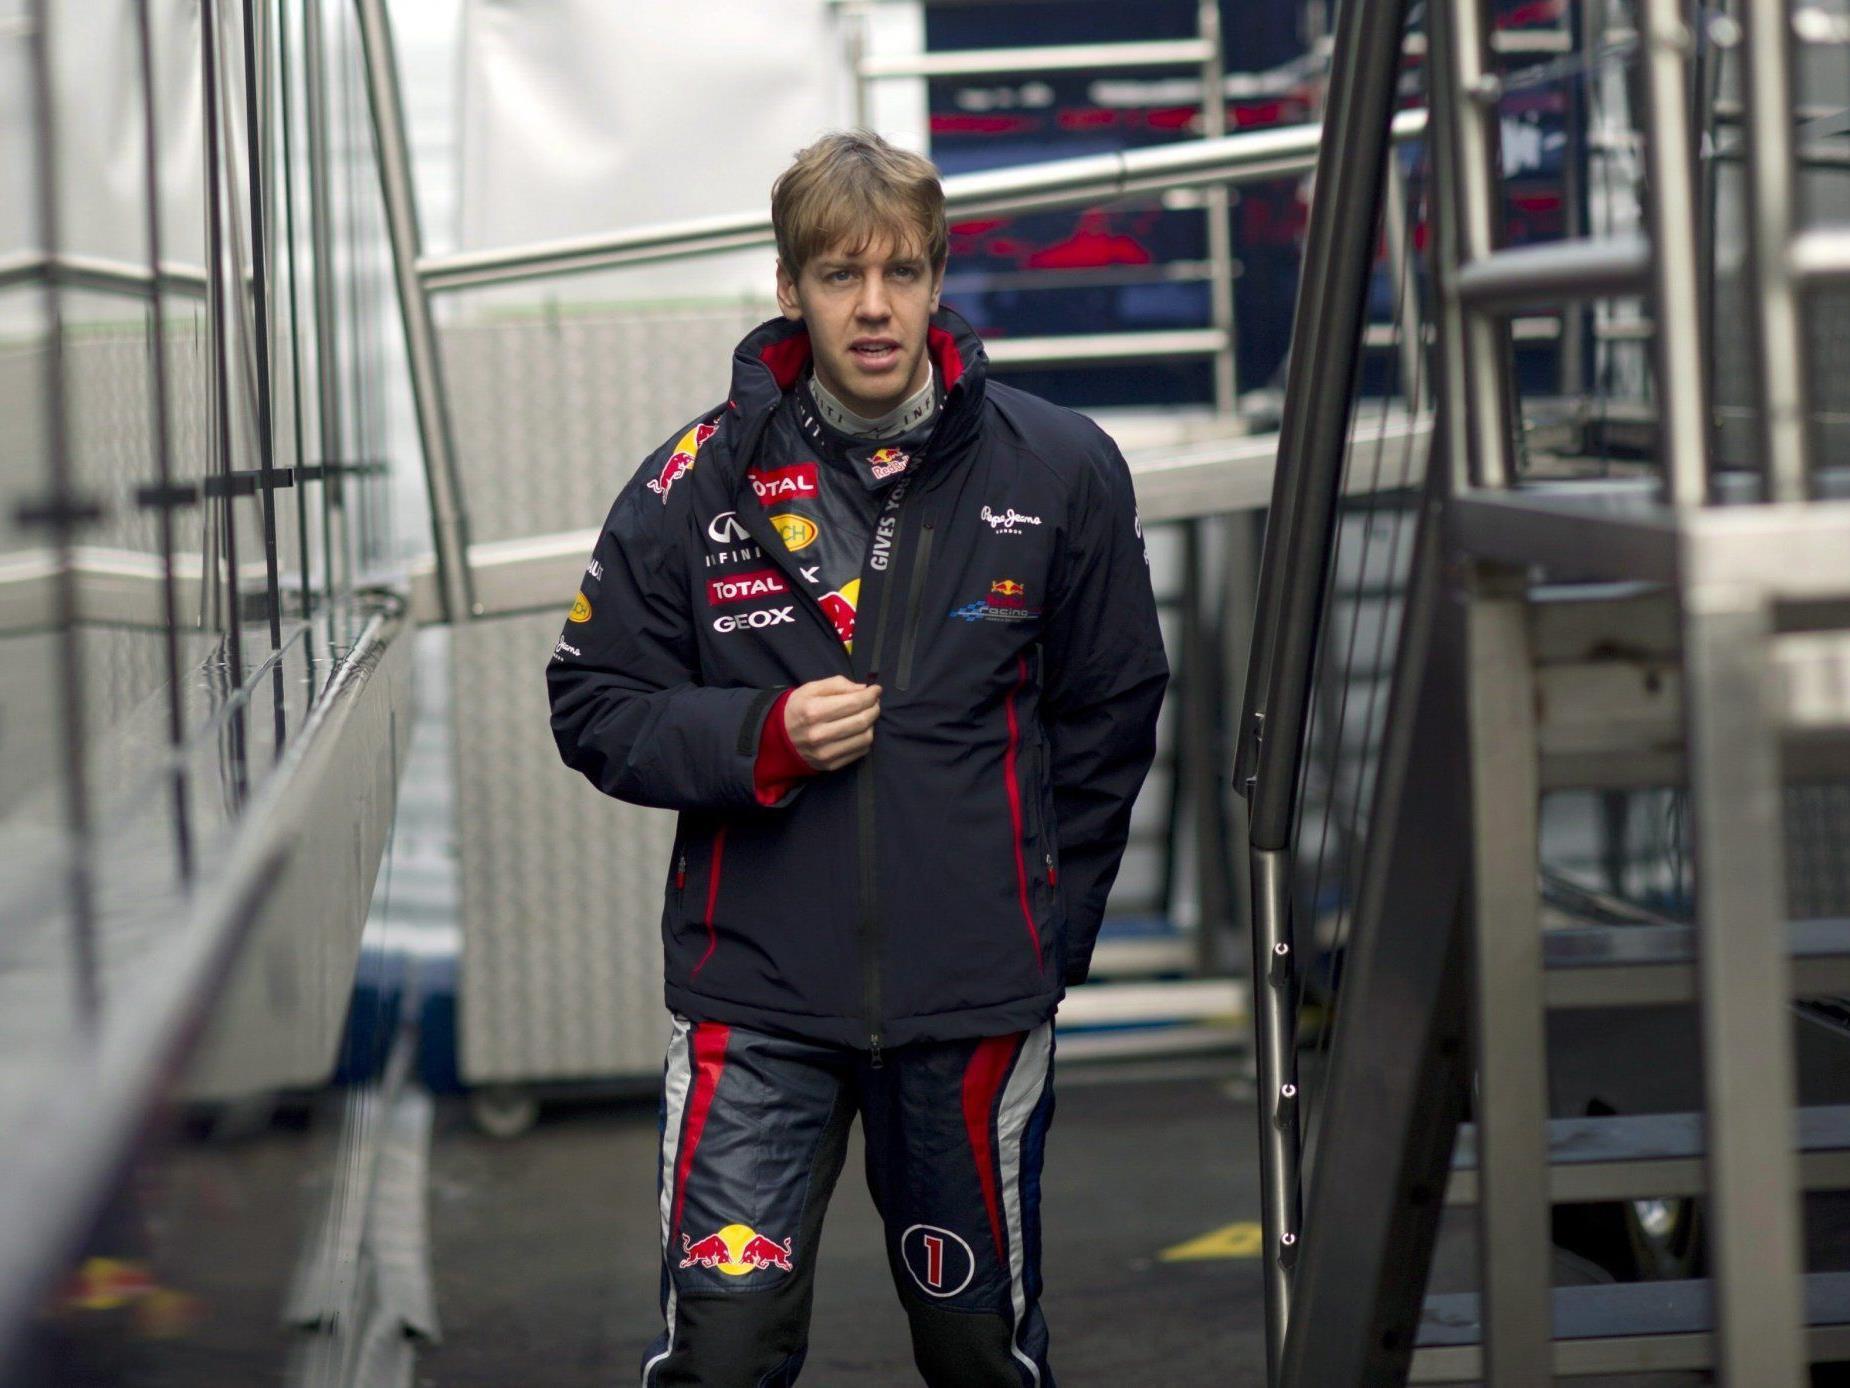 Doppelweltmeister und Titelverteidiger Sebastian Vettel ist auch 2012 WM-Favorit.